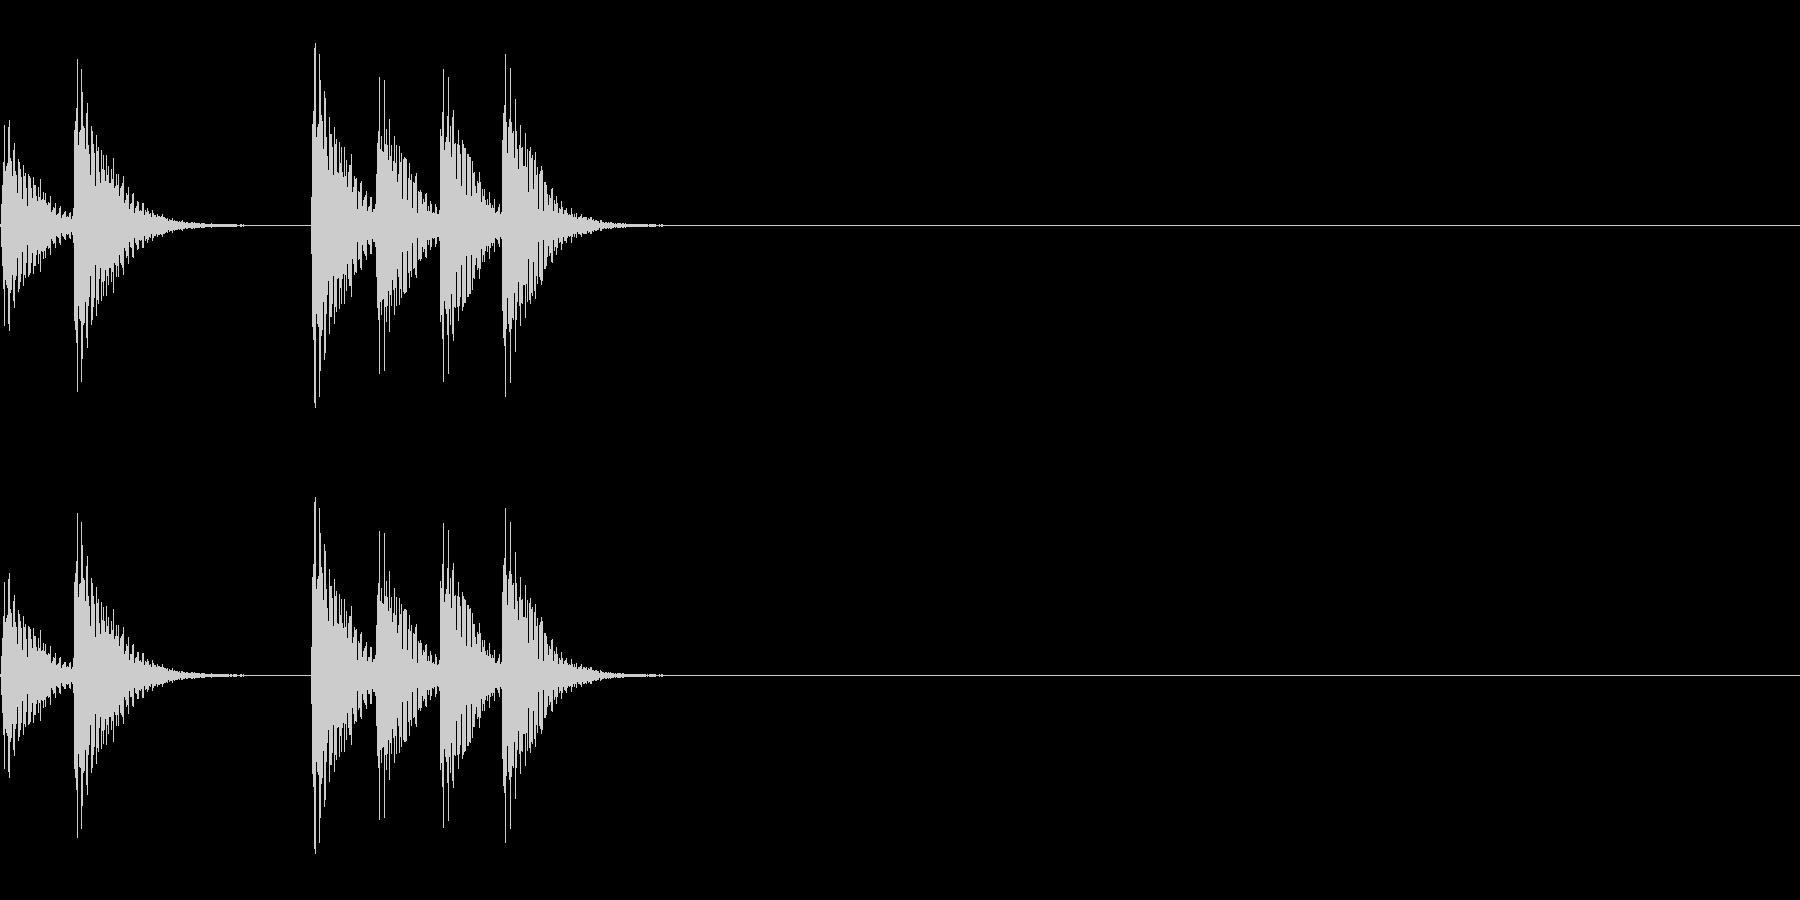 アニメ用~少し急かしているノック音~の未再生の波形